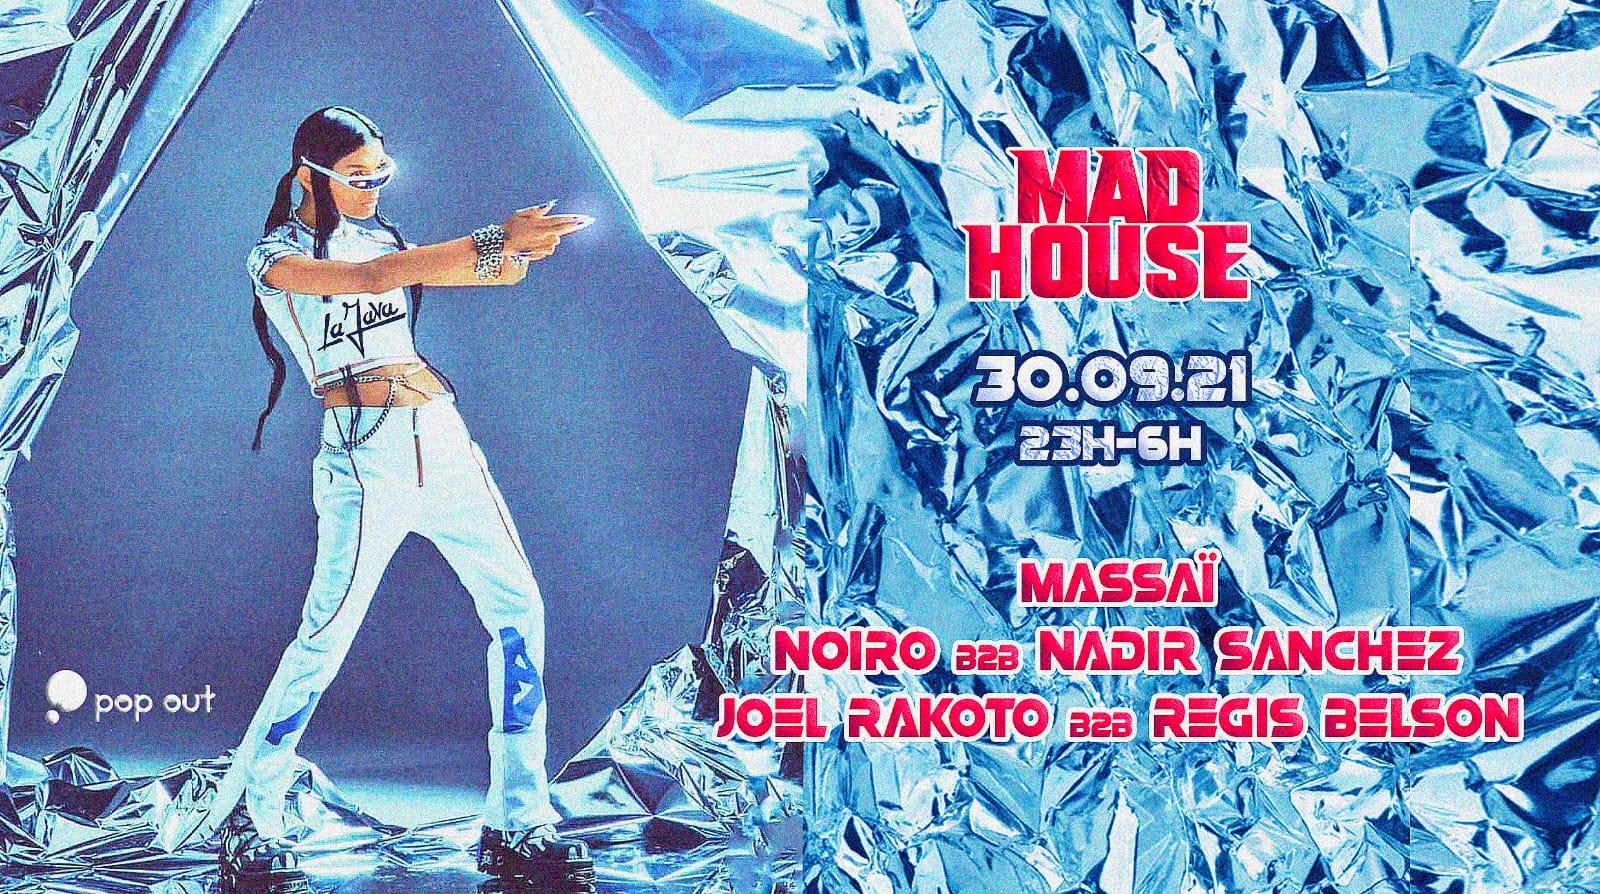 Mad House : Massaï / Noiro / Nadir Sanchez / Joel Rakoto